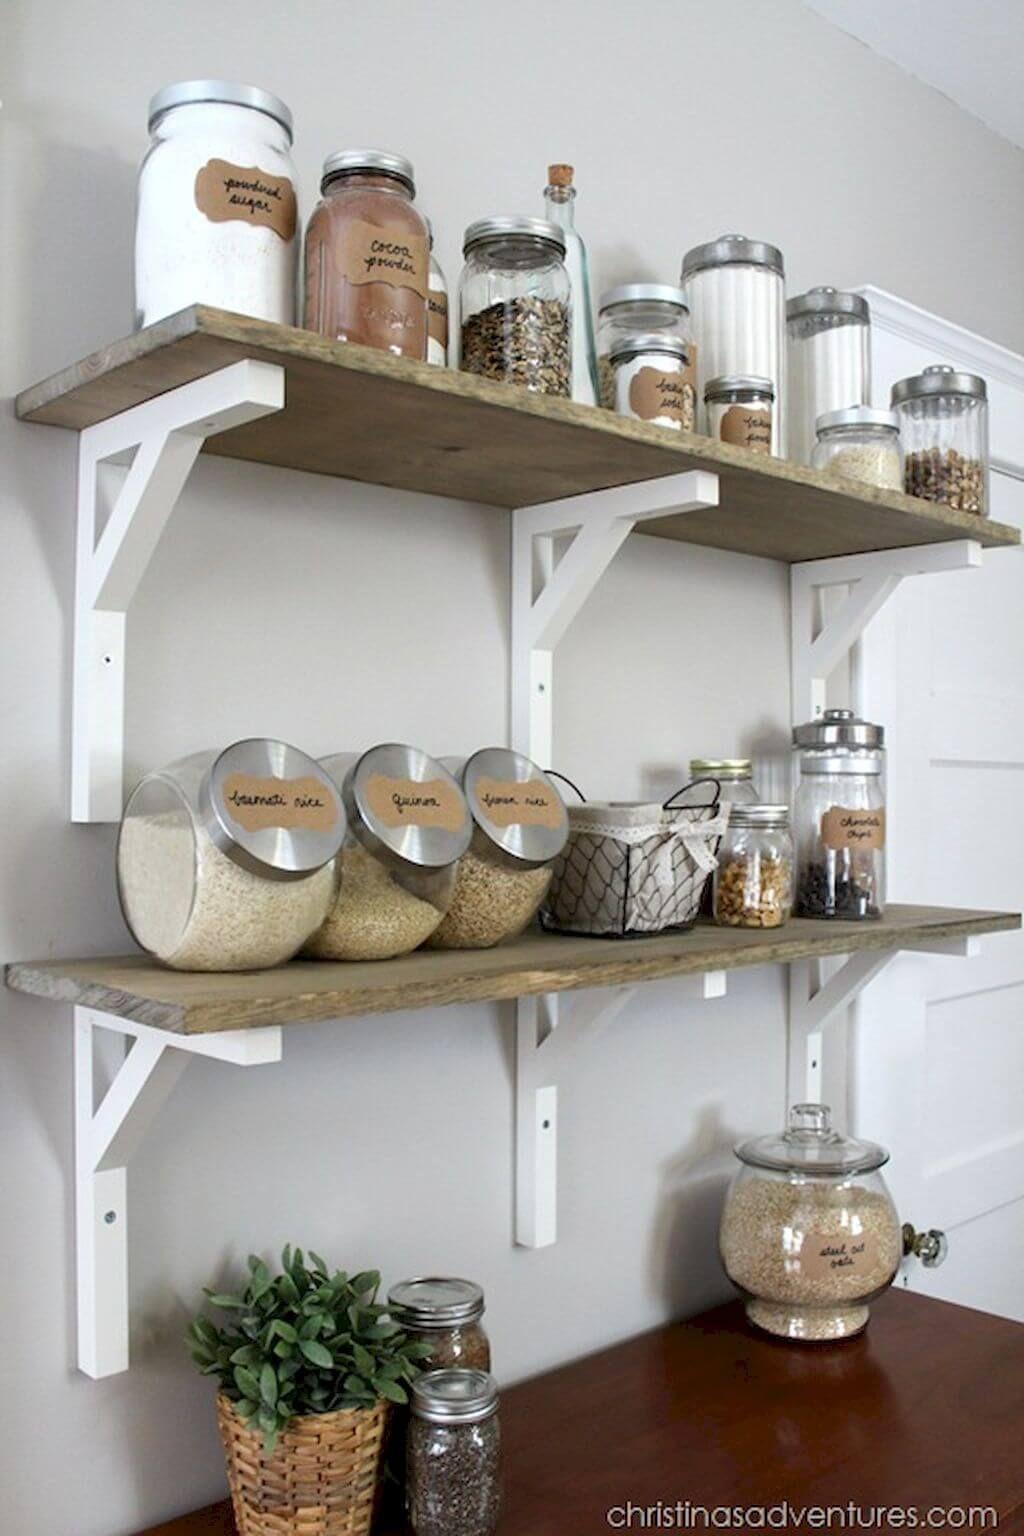 23 Ordentliche, unordentliche Küchenarbeitsplatten Ideen, um Ihre Küche in Form zu halten - Hause Dekore #kitchentips